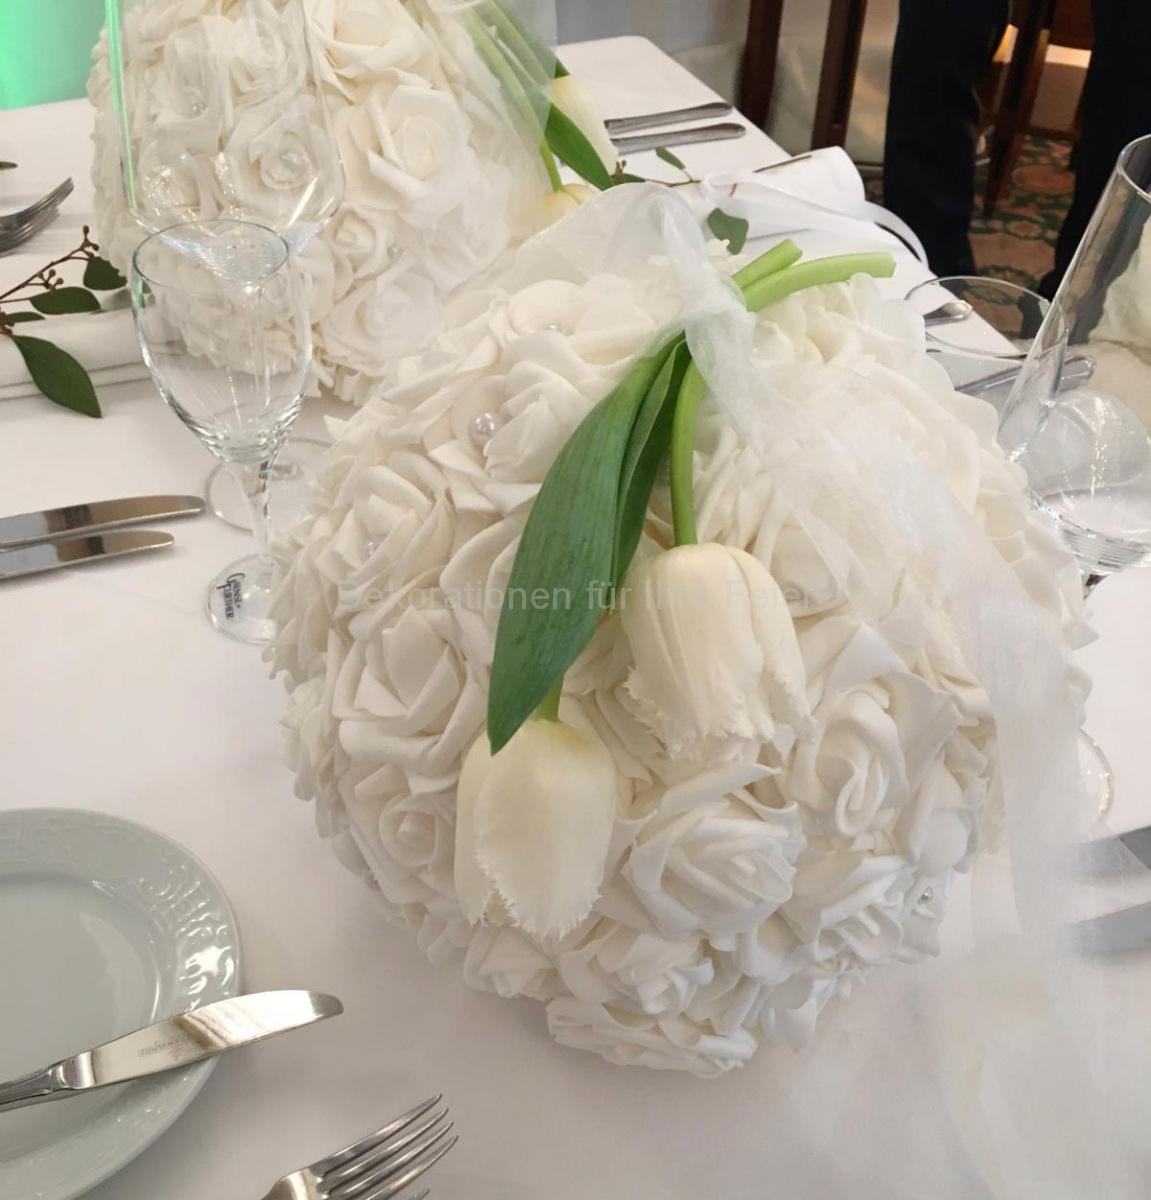 Deko Blog - Hochzeitstisch-Deko - klassisch in weiß, Dialog zwischen Tulpen und Rosen